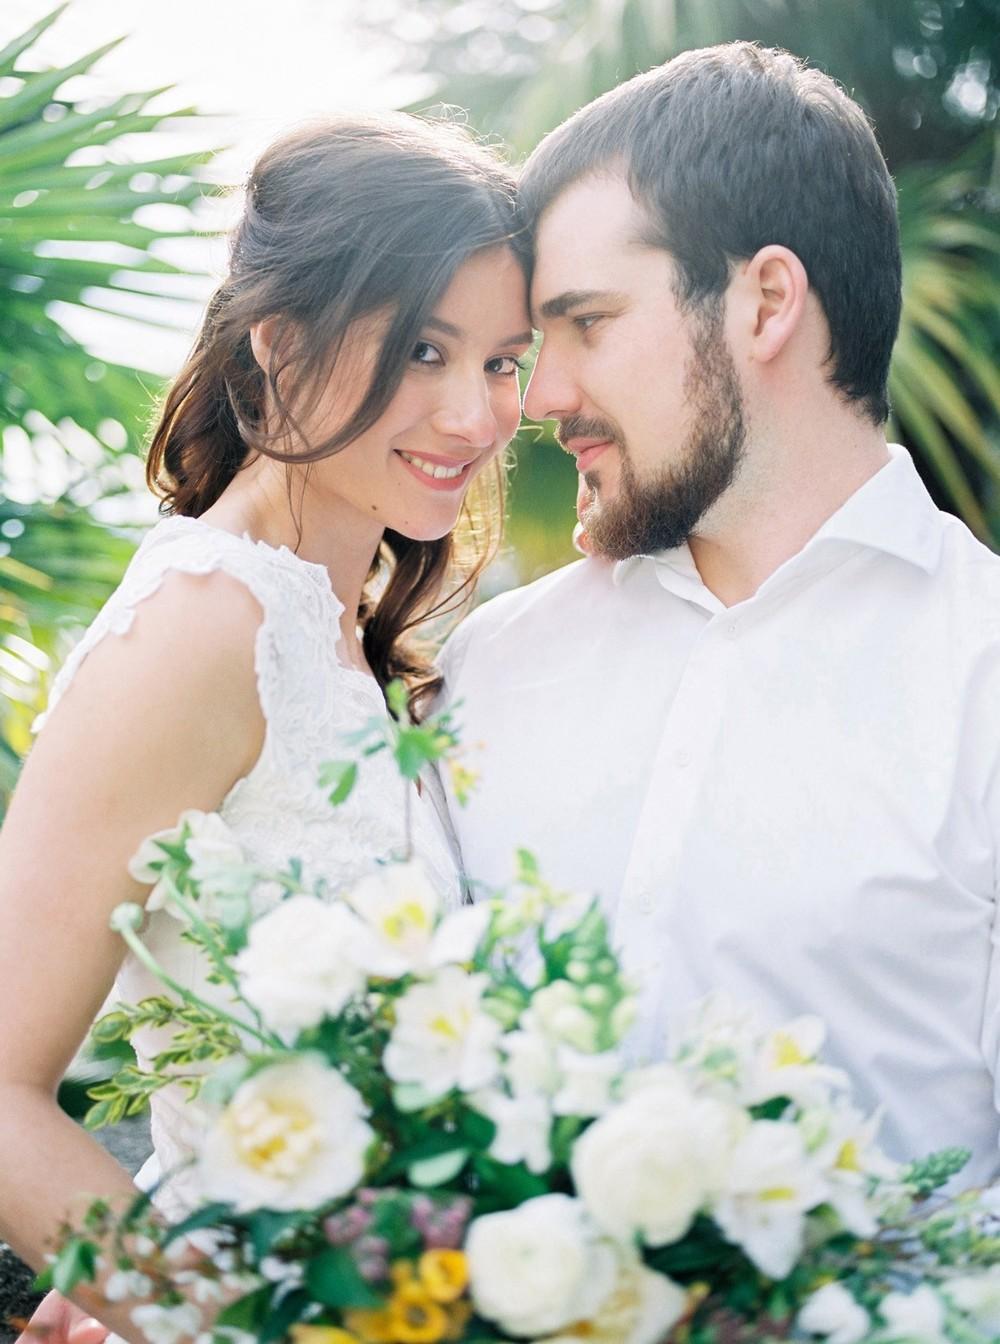 Diana & Evgeny